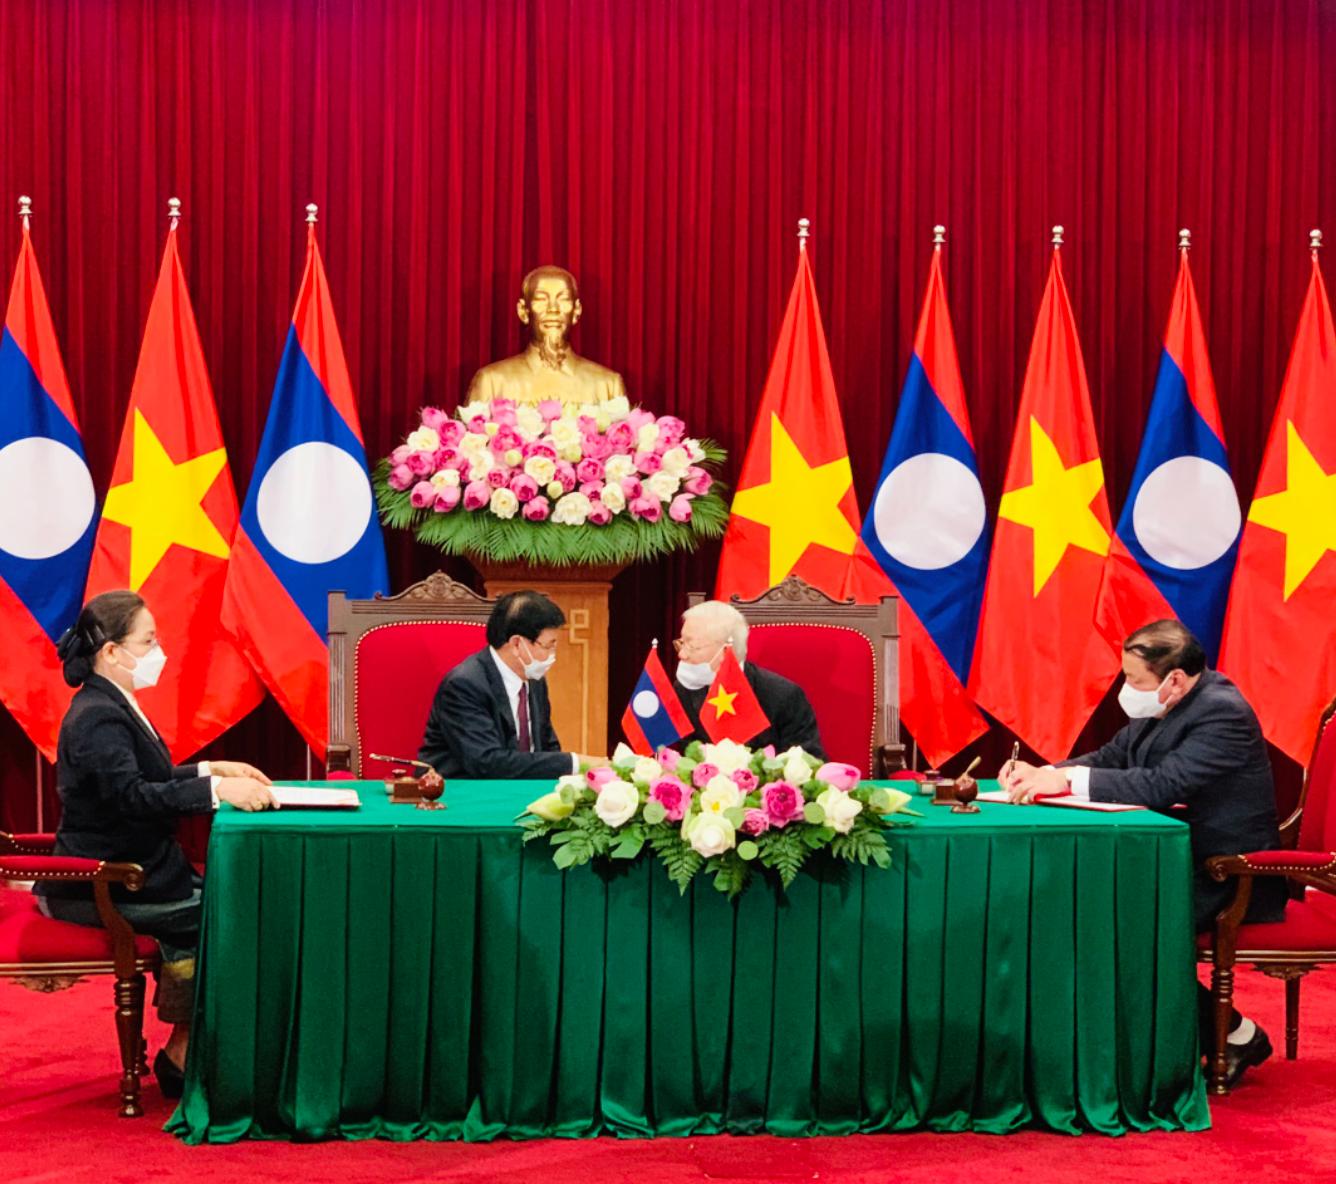 Ký kết Kế hoạch hợp tác về văn hóa nghệ thuật và du lịch  giai đoạn 2021-2025 giữa Bộ Văn hóa, Thể thao và Du lịch Việt Nam  và Bộ Thông tin, Văn hóa và Du lịch Lào